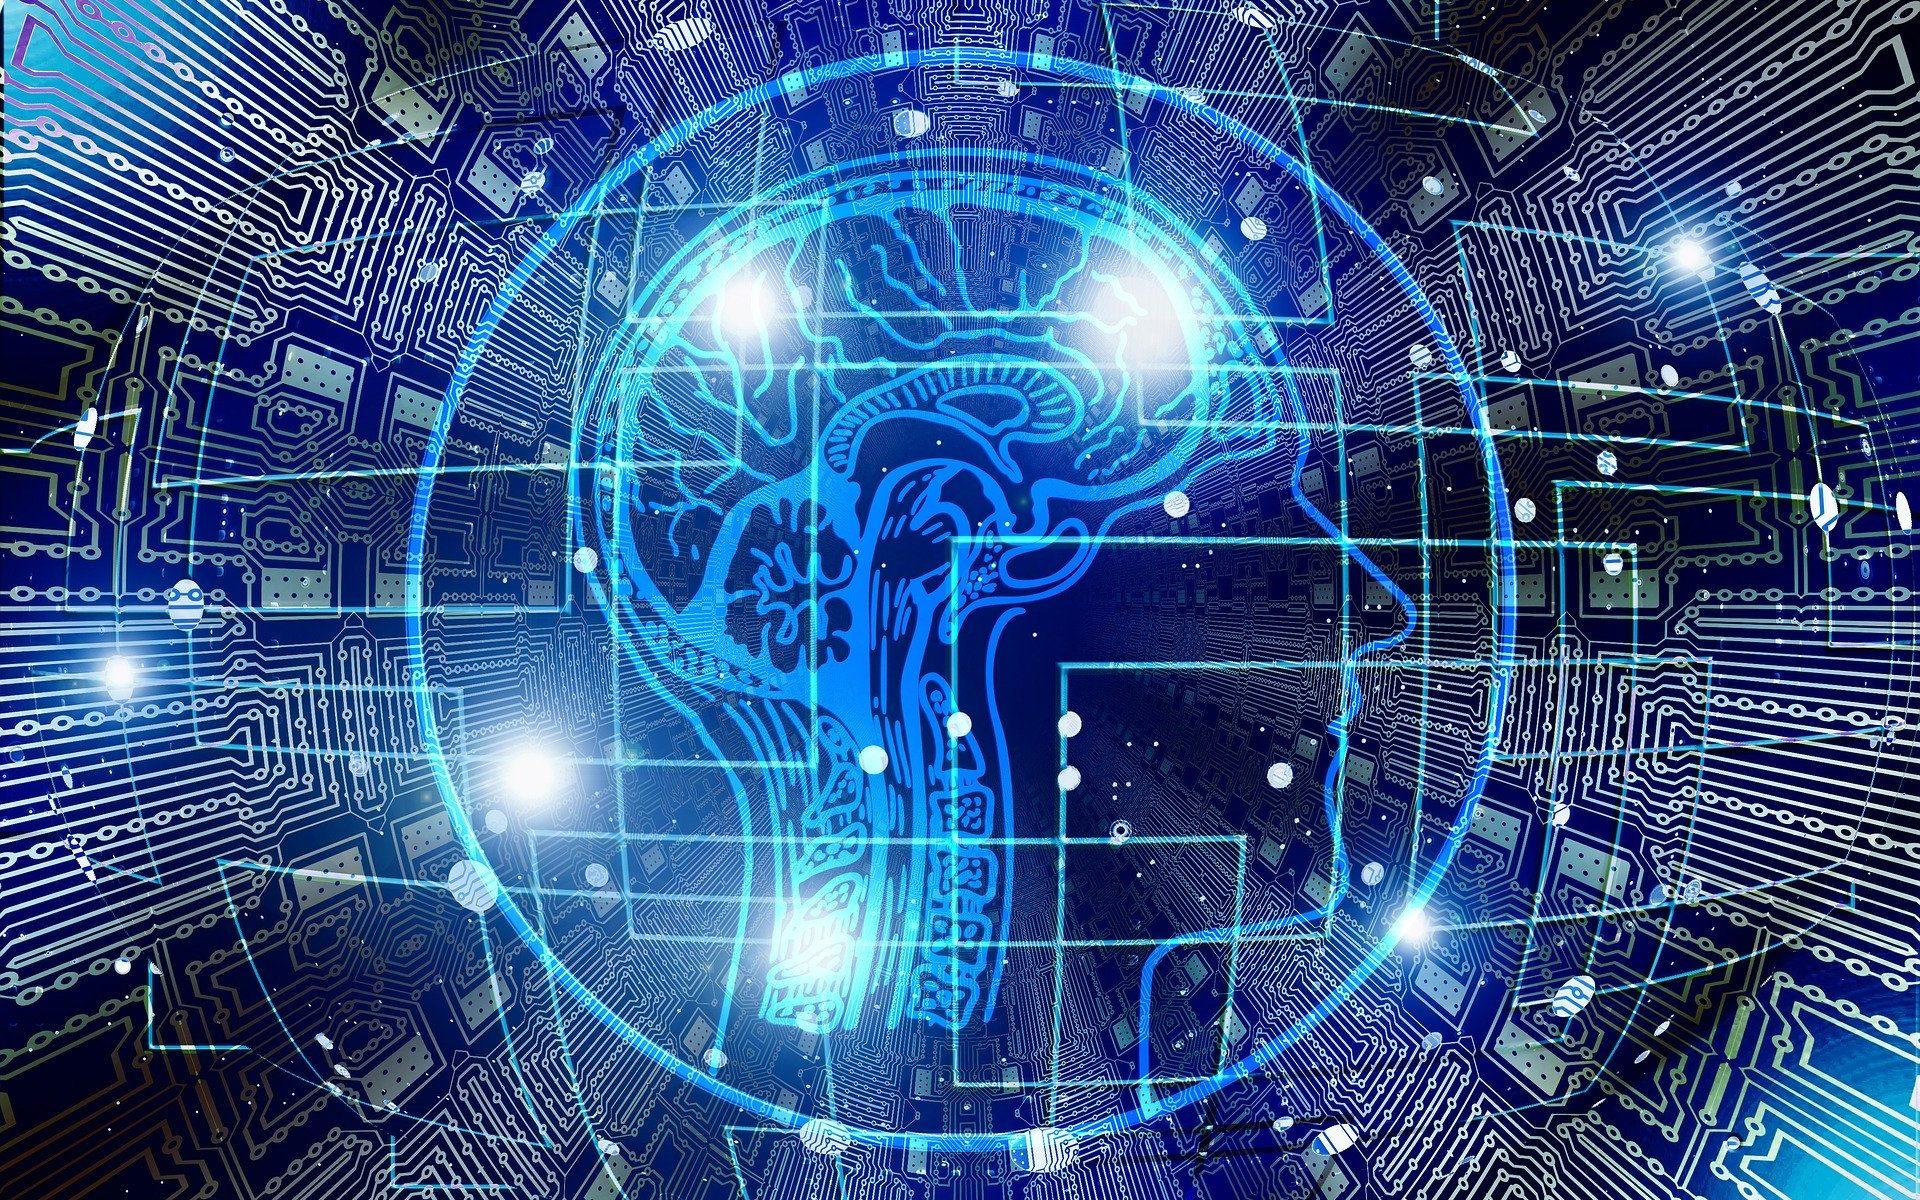 Mesterséges intelligencia témájú grafika: emberi agy, körülötte áramkörre emlékeztető elemekkel.